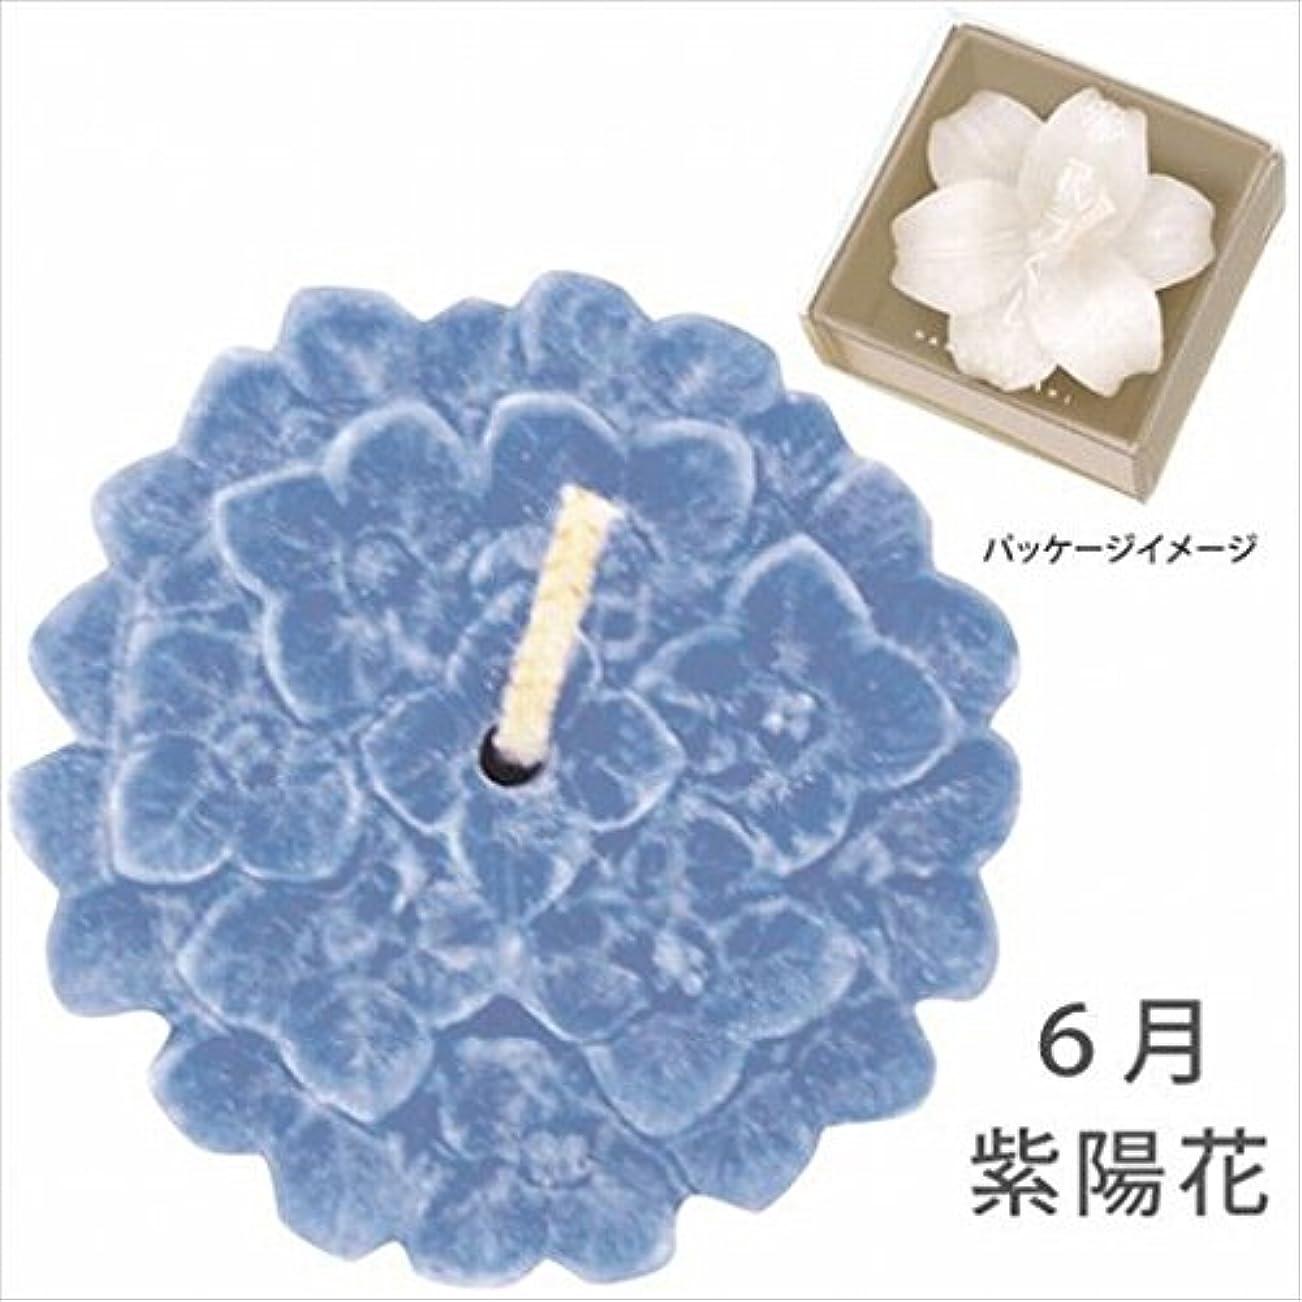 滴下マッシュ必要ないカメヤマキャンドル( kameyama candle ) 花づくし(植物性) 紫陽花 「 紫陽花(6月) 」 キャンドル